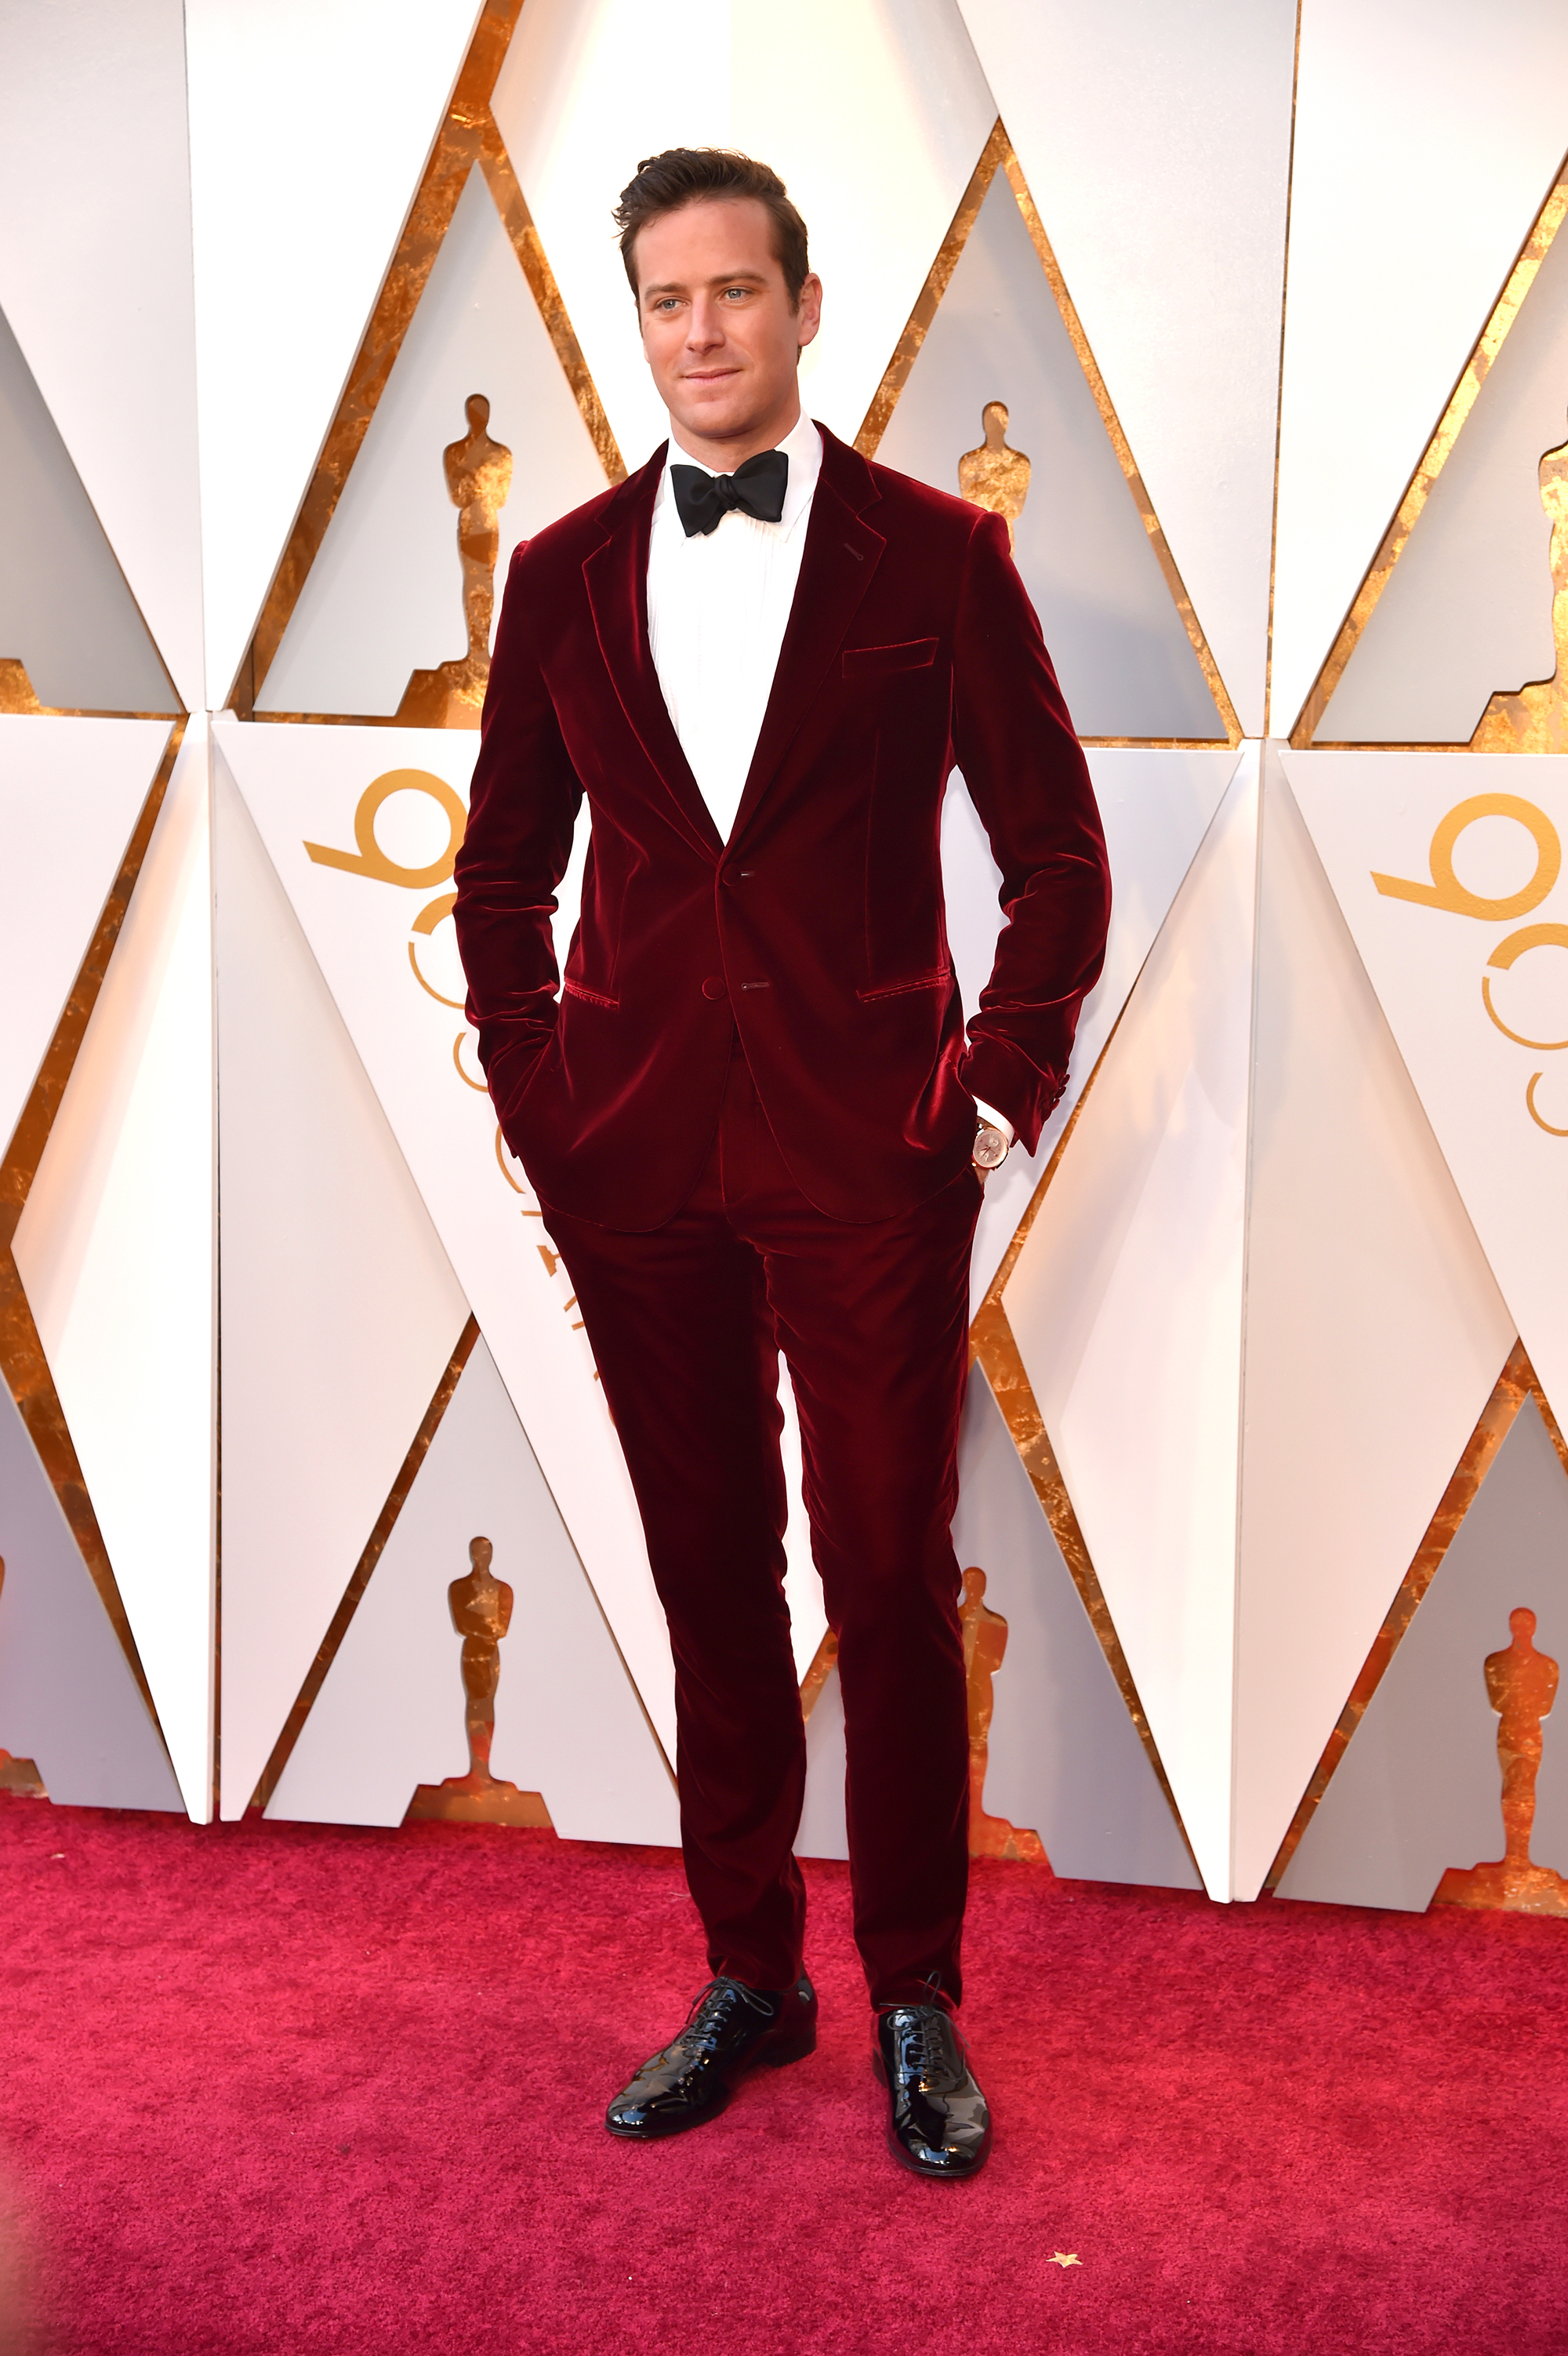 Oscars 2018 Best Dressed Men Velvet Tuxedos Suits